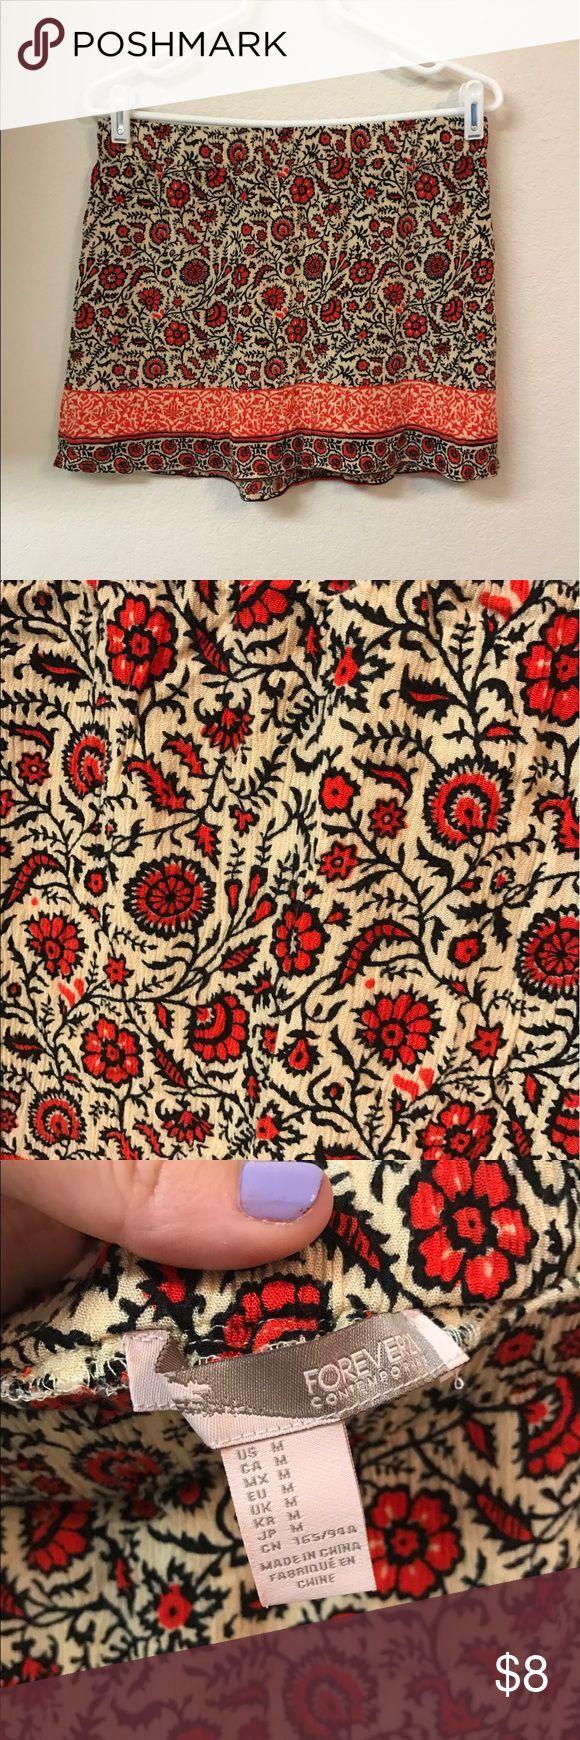 Forever 21 Floral Skirt From forever 21's contemporary collection.  100% Rayon   #forever21 #floralskirt #skirt  #midiskirt #sizemedium #mediumskirt #boho #bohemian #bohoskirt #bohemianskirt #medium Forever 21 Skirts Mini